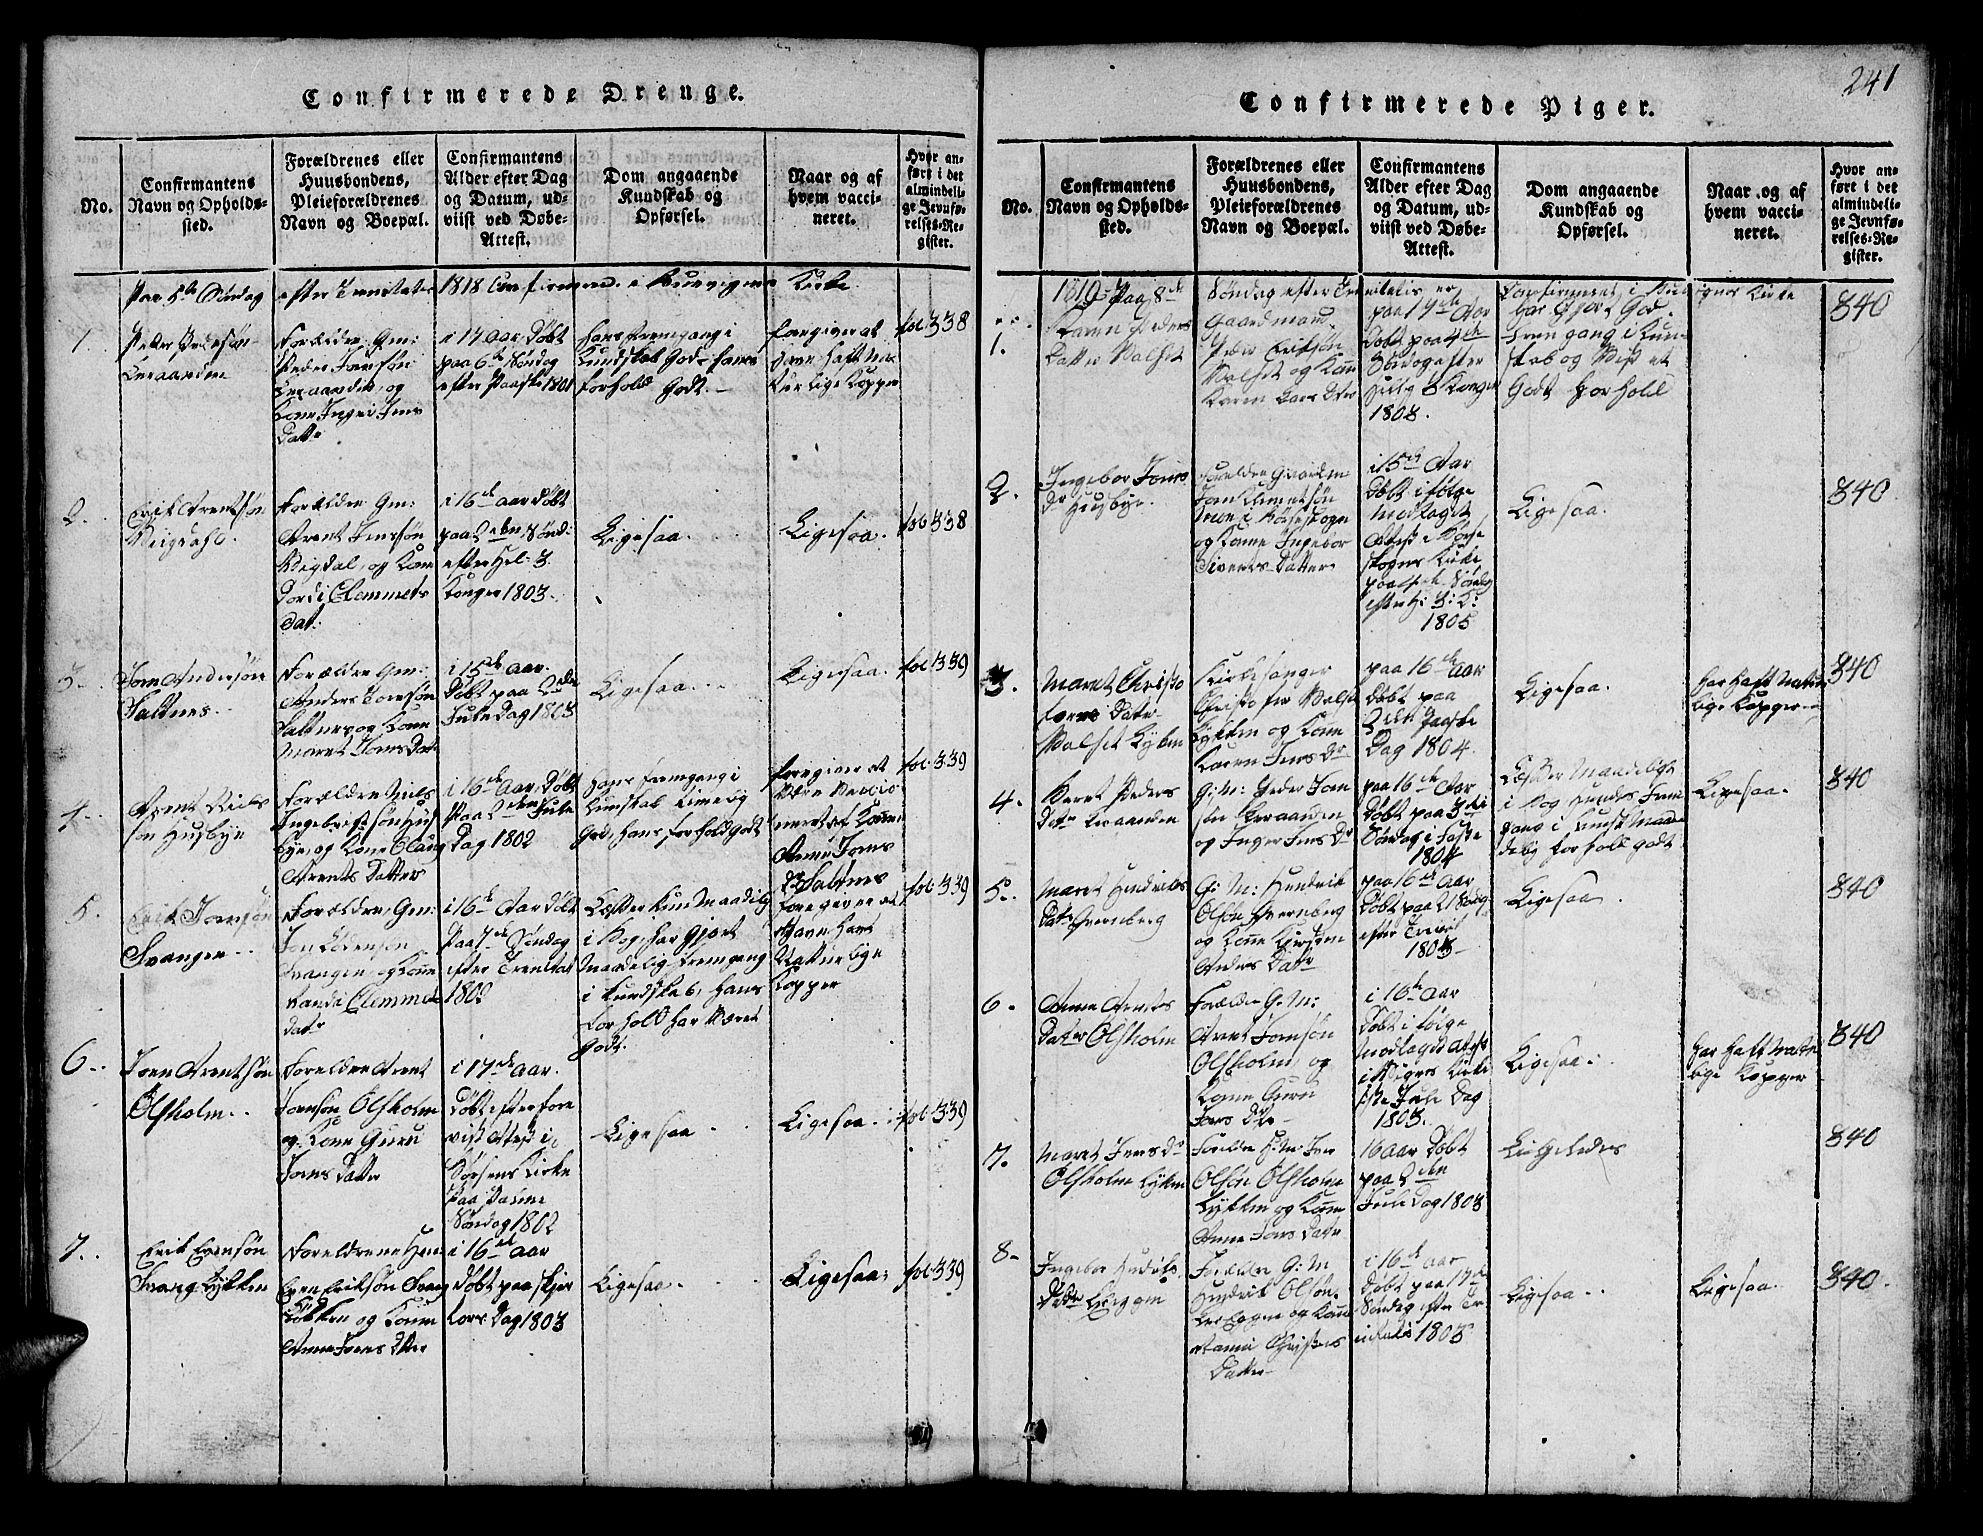 SAT, Ministerialprotokoller, klokkerbøker og fødselsregistre - Sør-Trøndelag, 666/L0788: Klokkerbok nr. 666C01, 1816-1847, s. 241